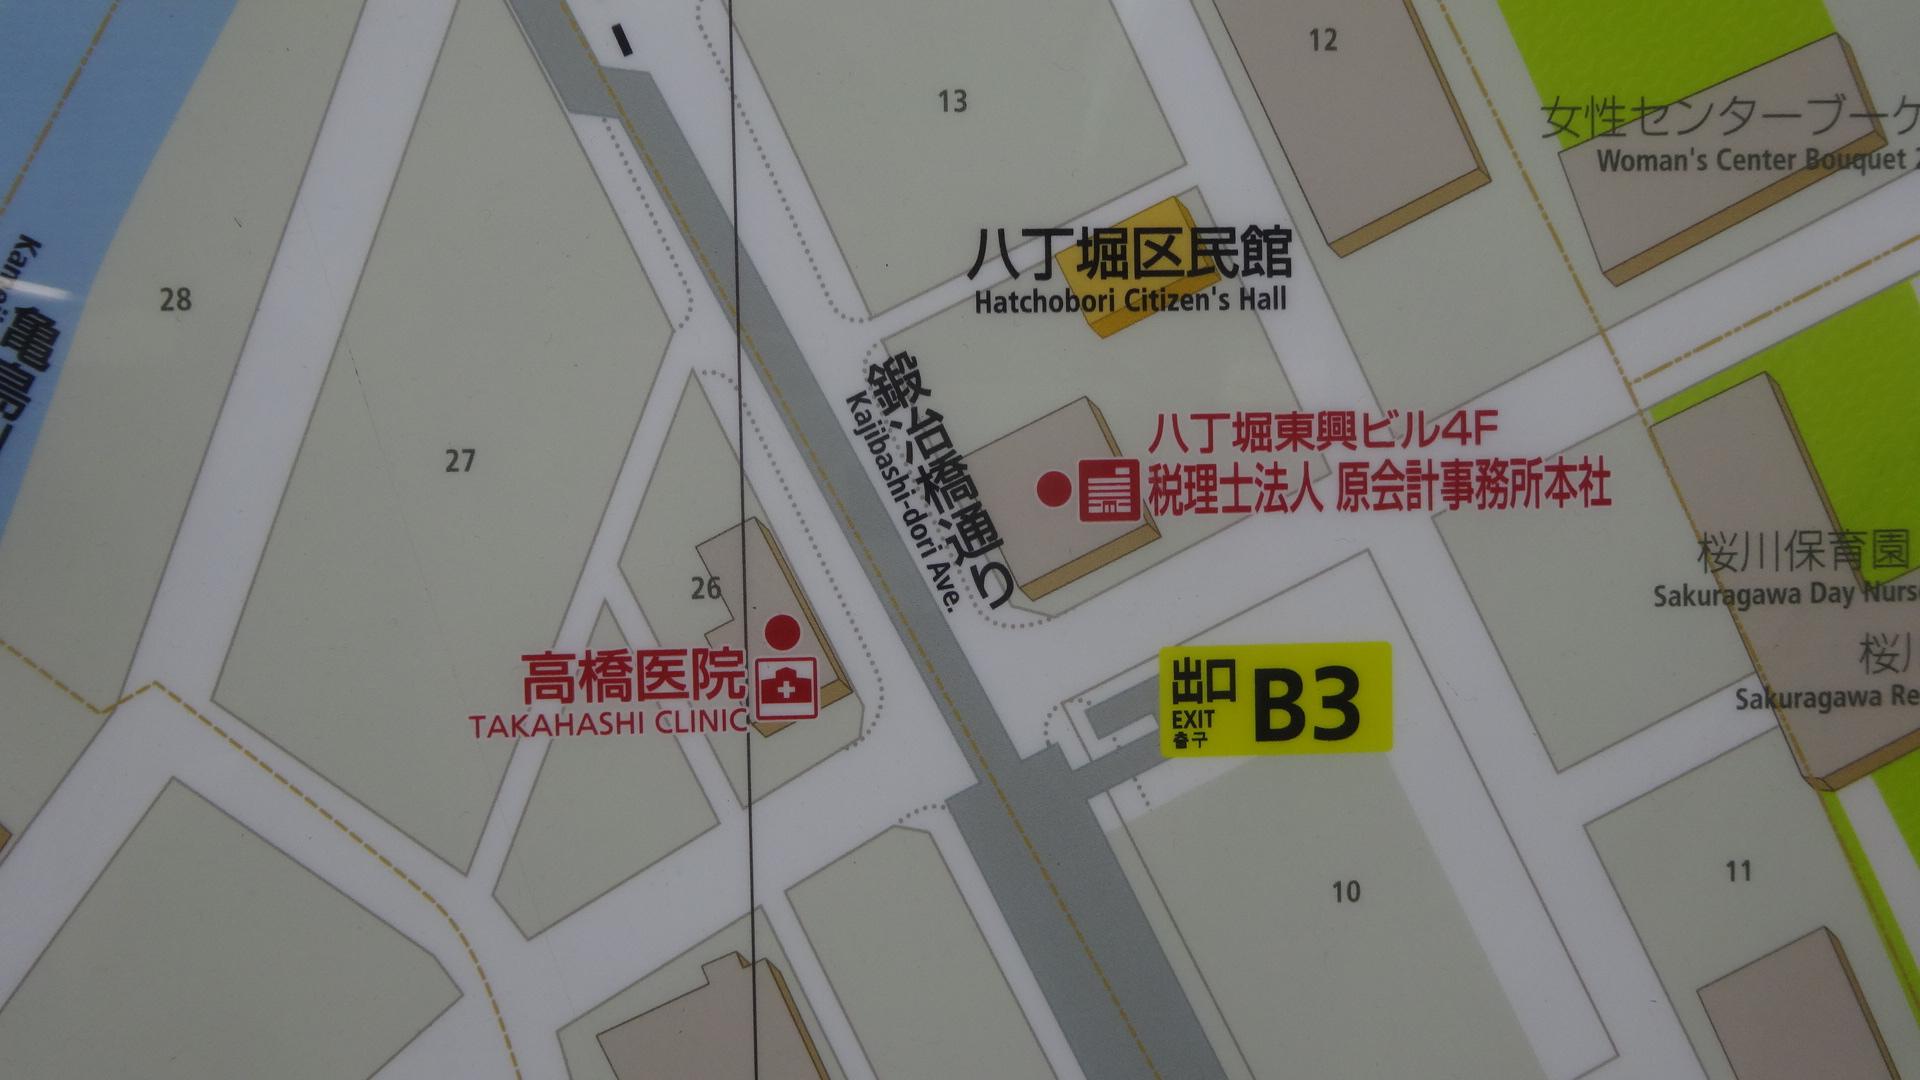 地図に記された高橋医院の場所